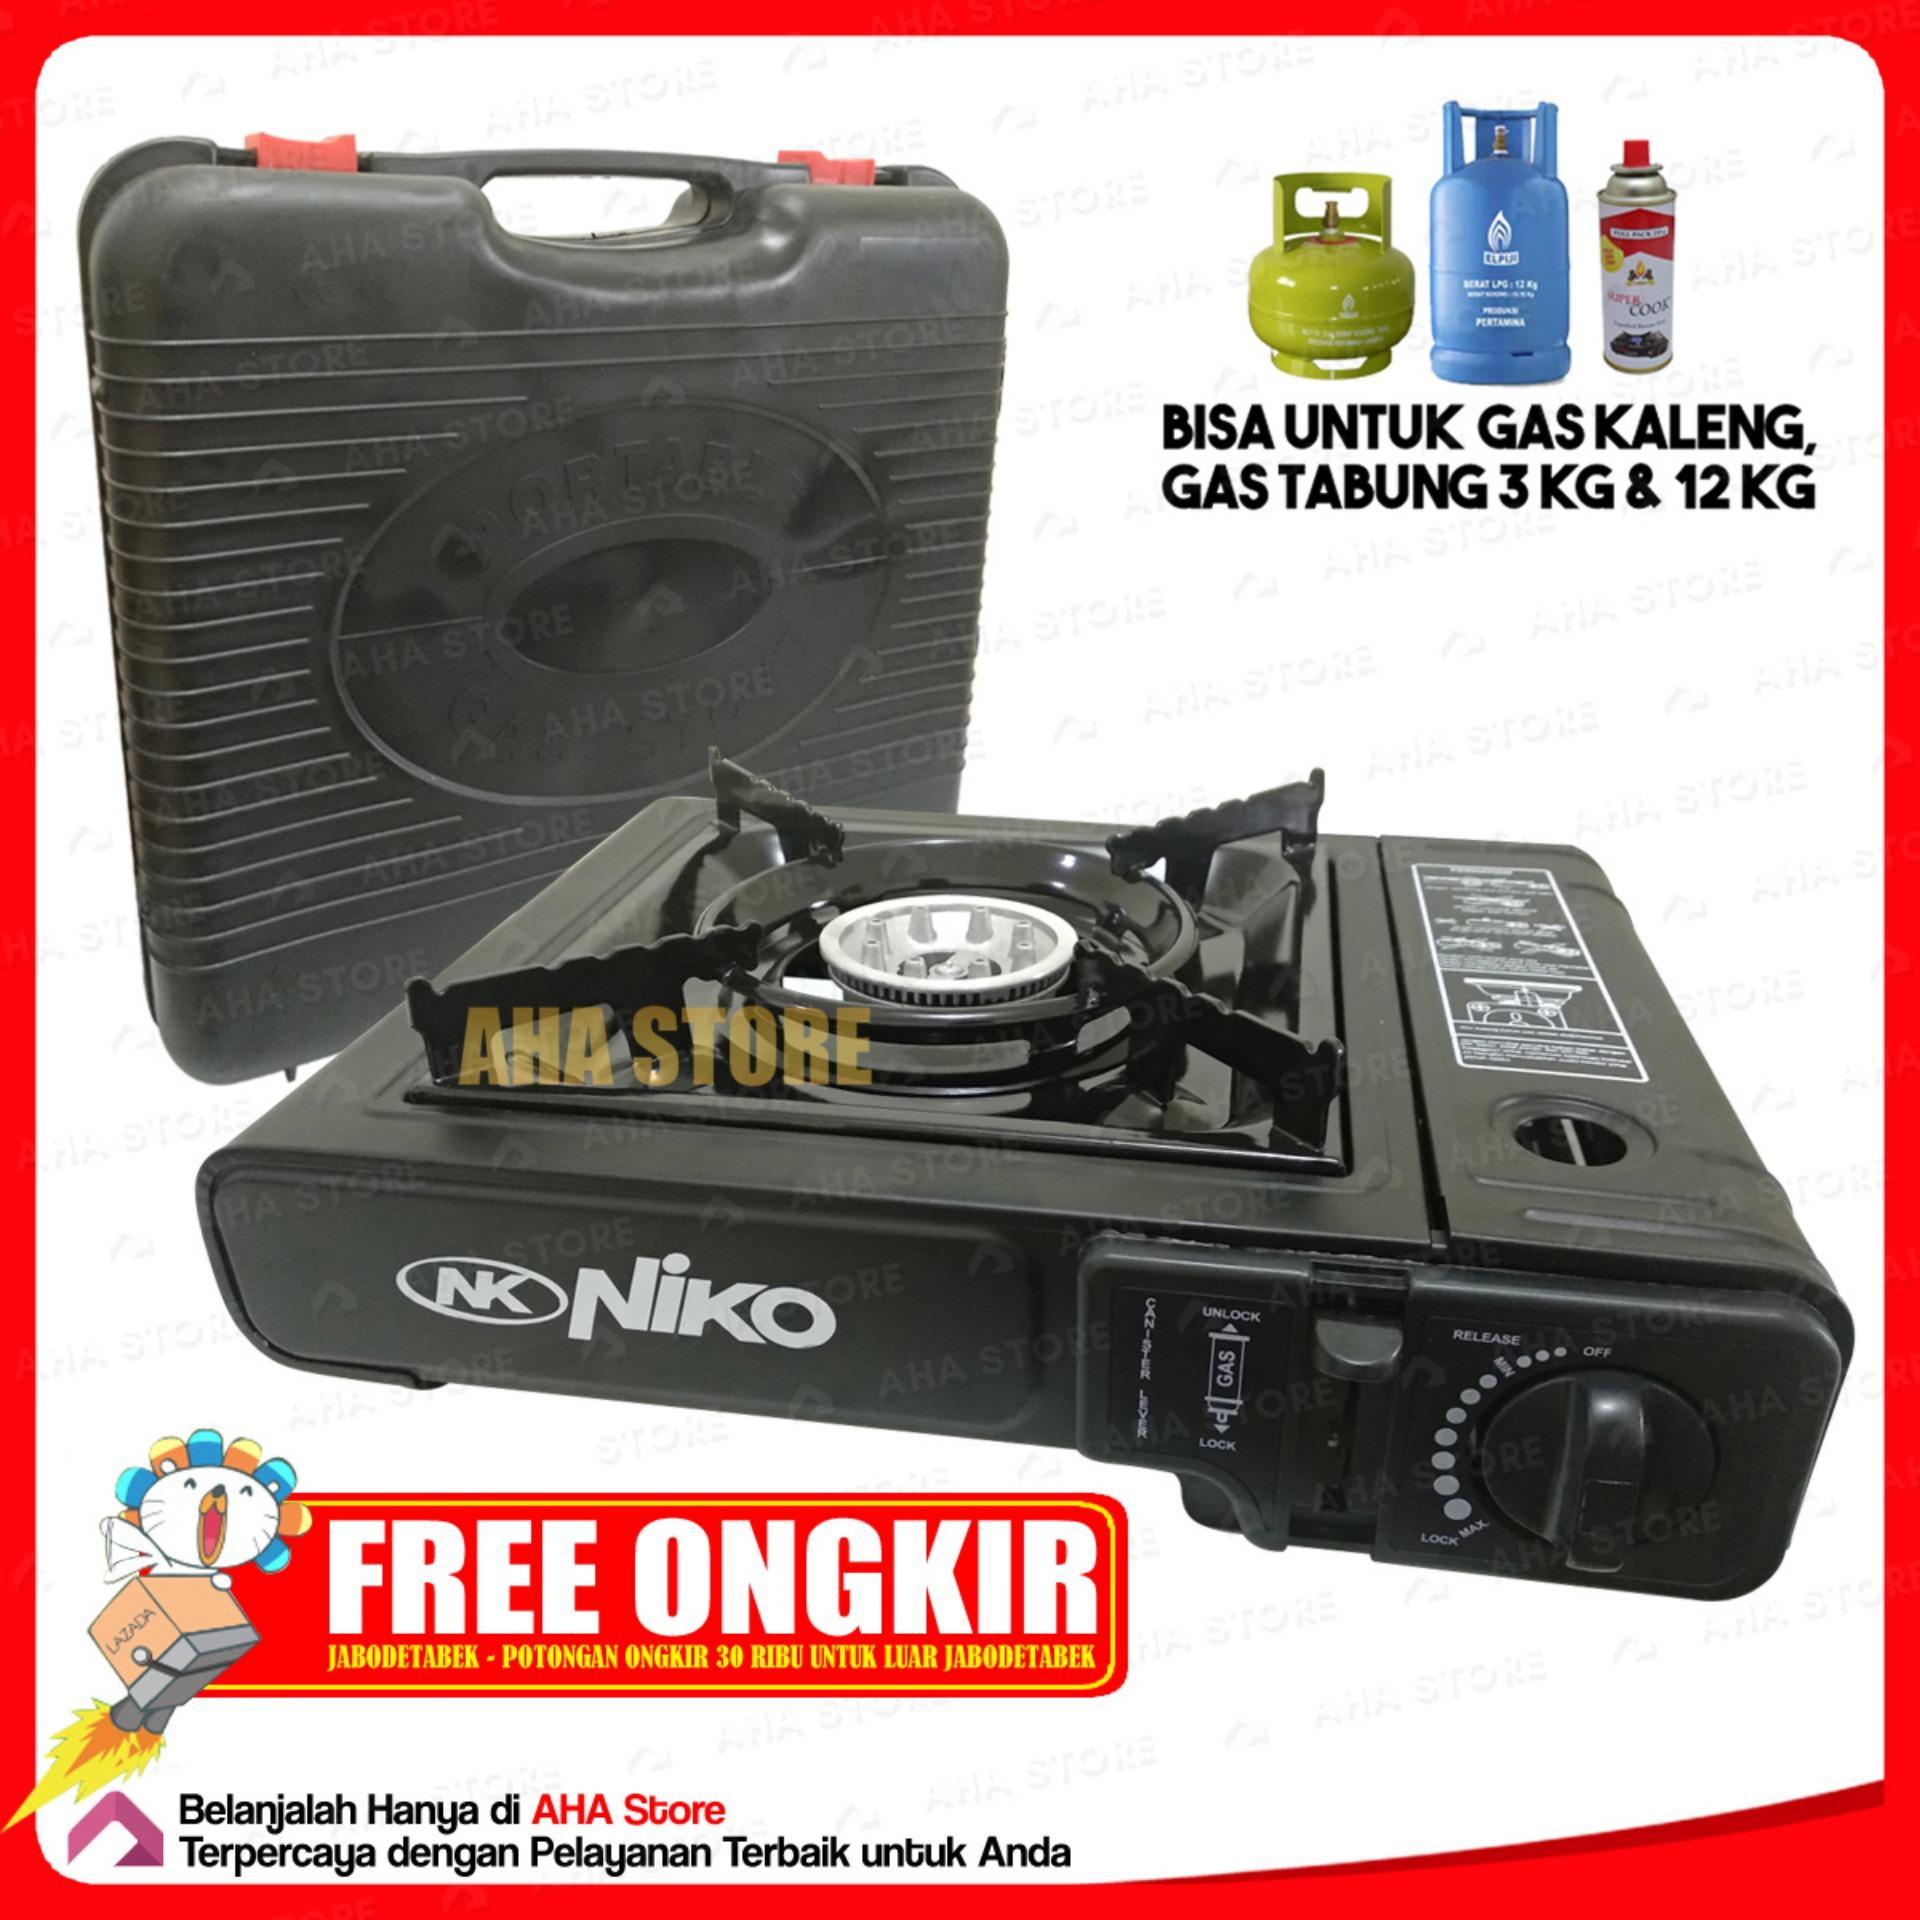 NIKO Kompor Gas Portable 2 in 1 NK-268